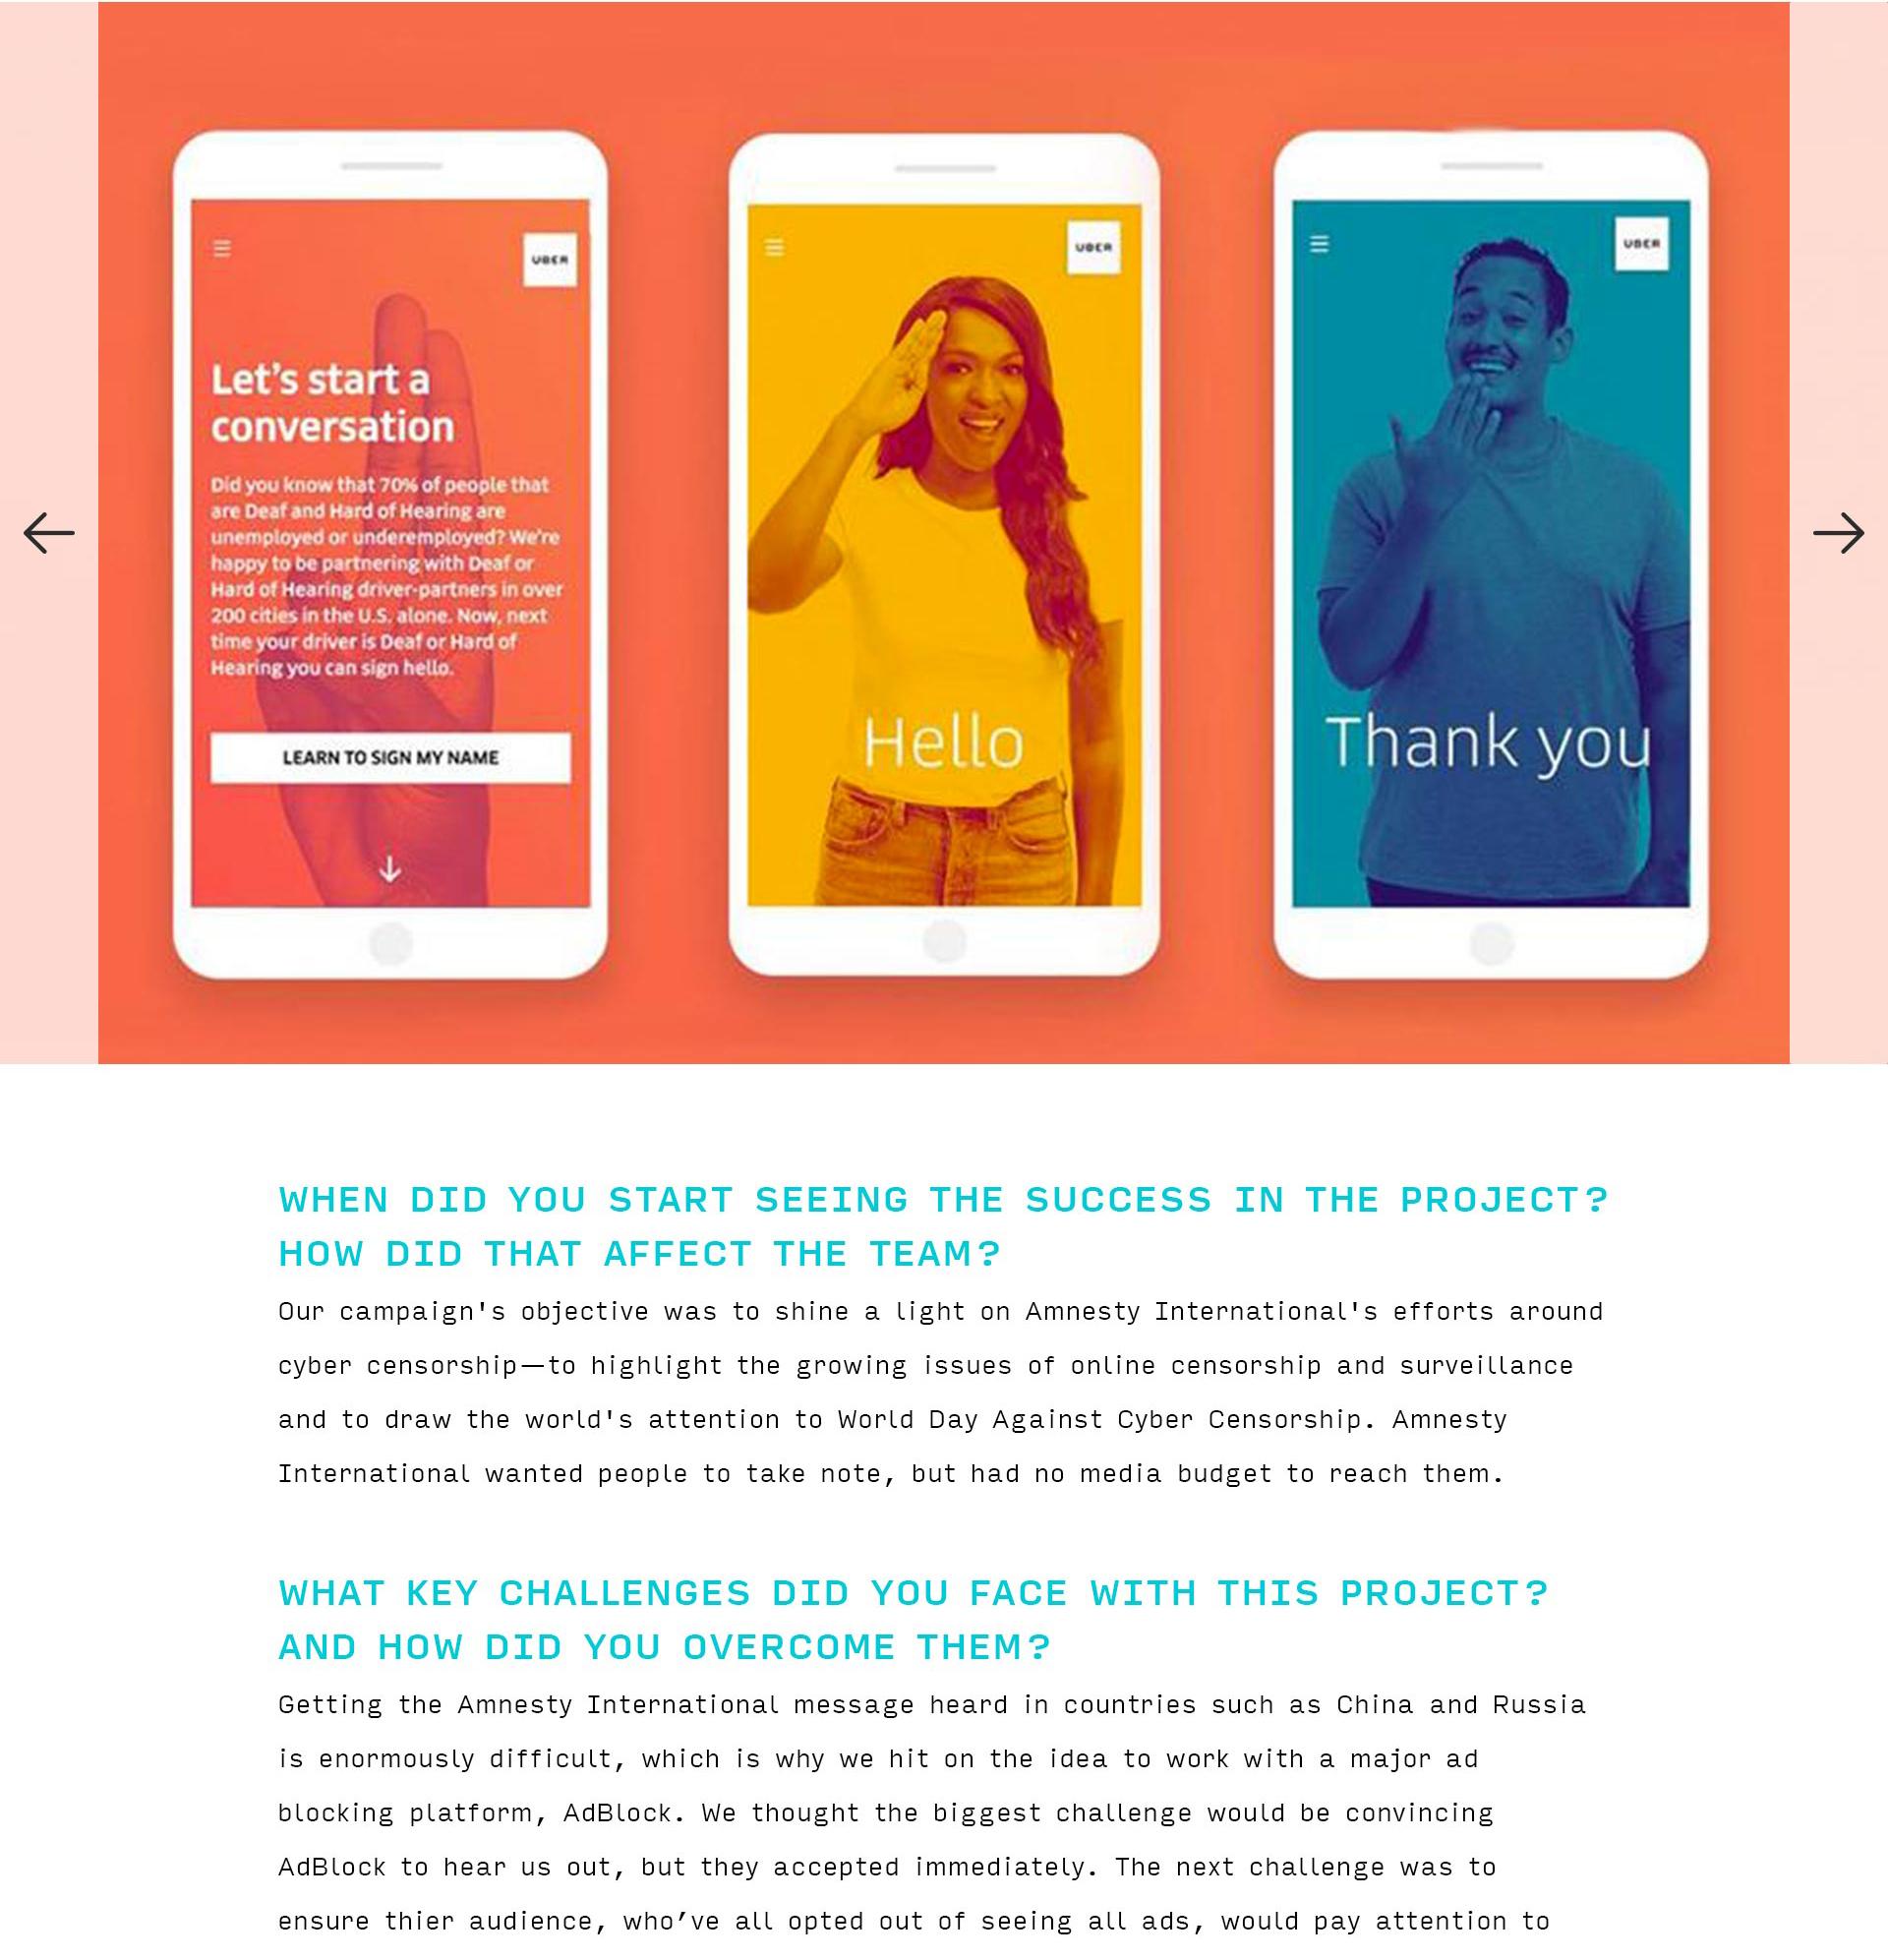 2019 Webby for Good website revamp - Interior gallery